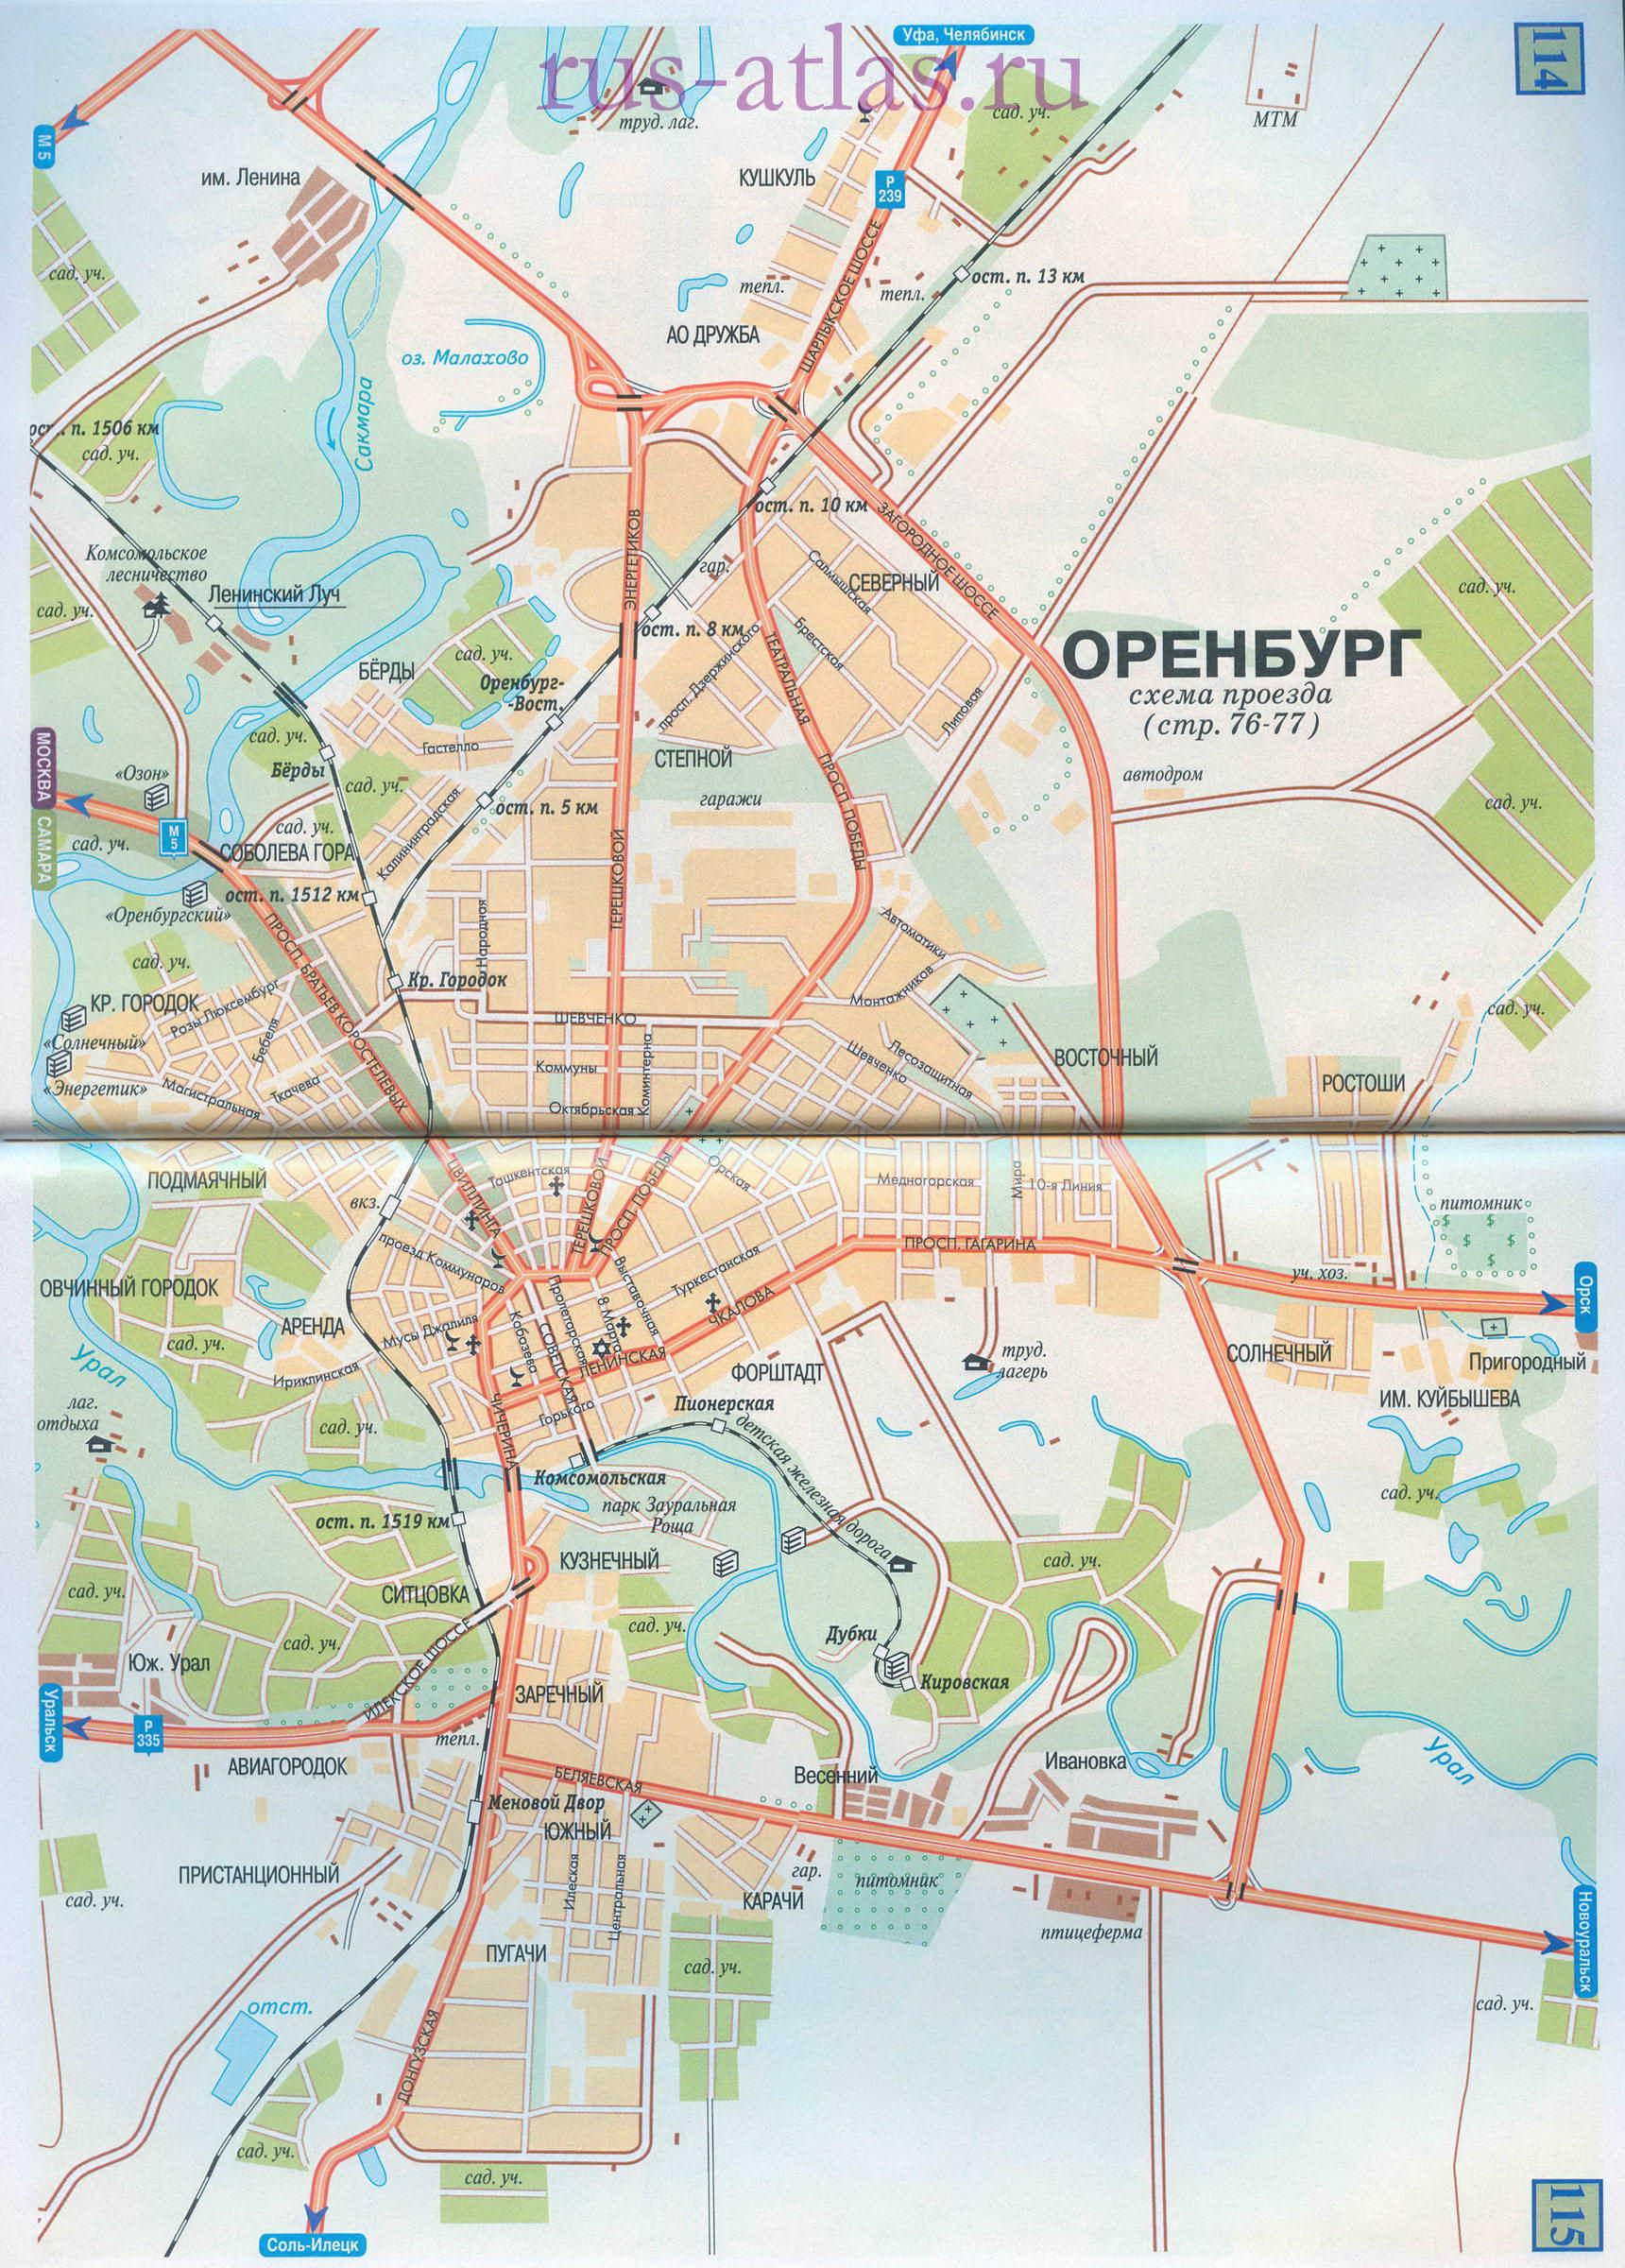 Карта Оренбурга: улицы, дома и организации города — 2ГИС